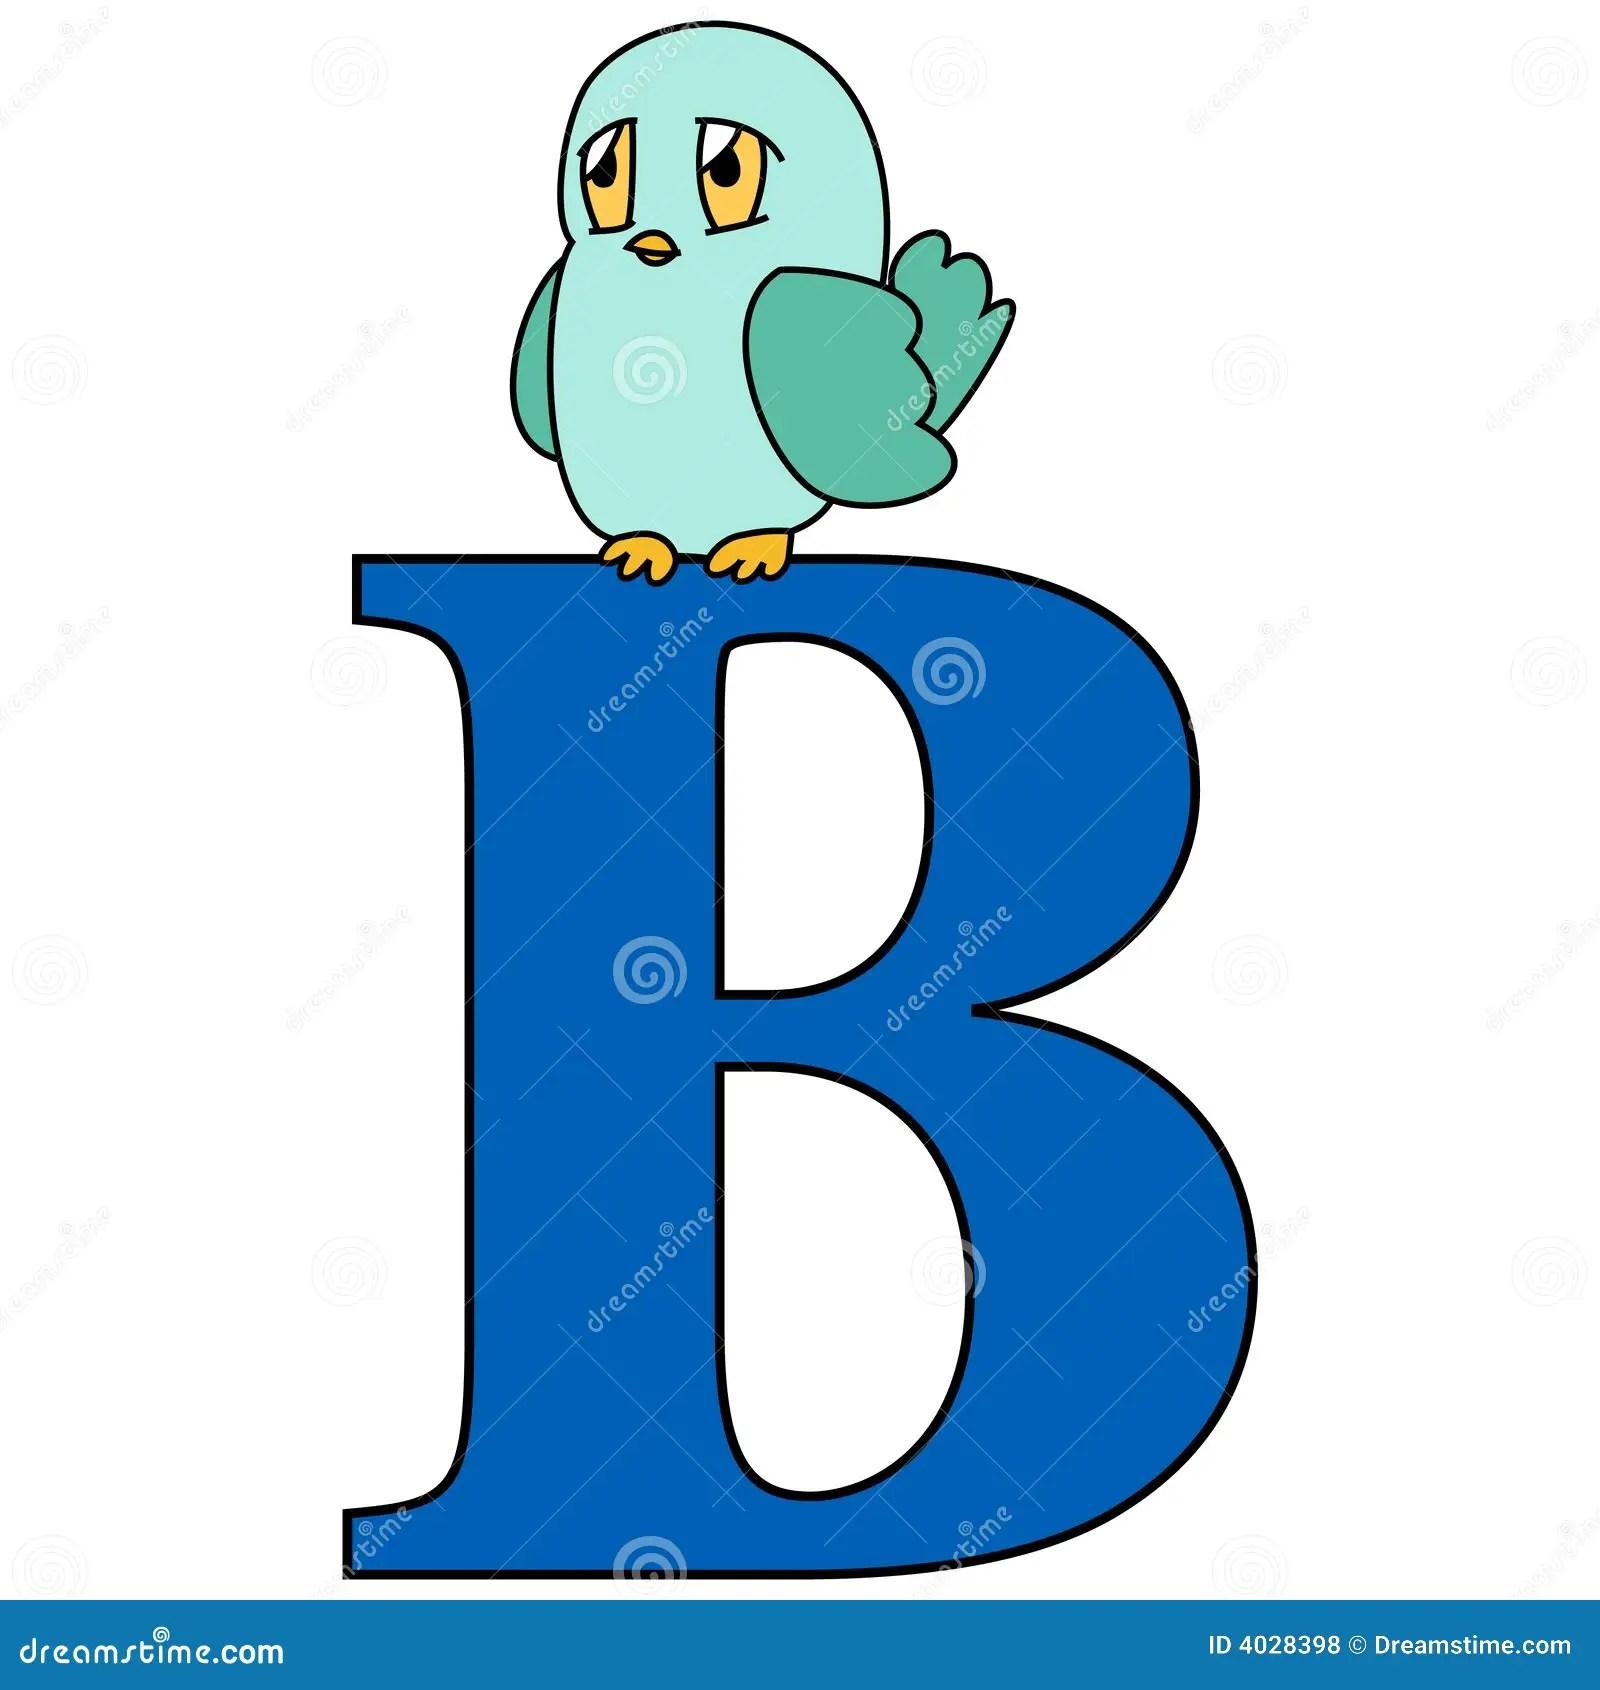 Alphabet Letter B Stock Vector Illustration Of